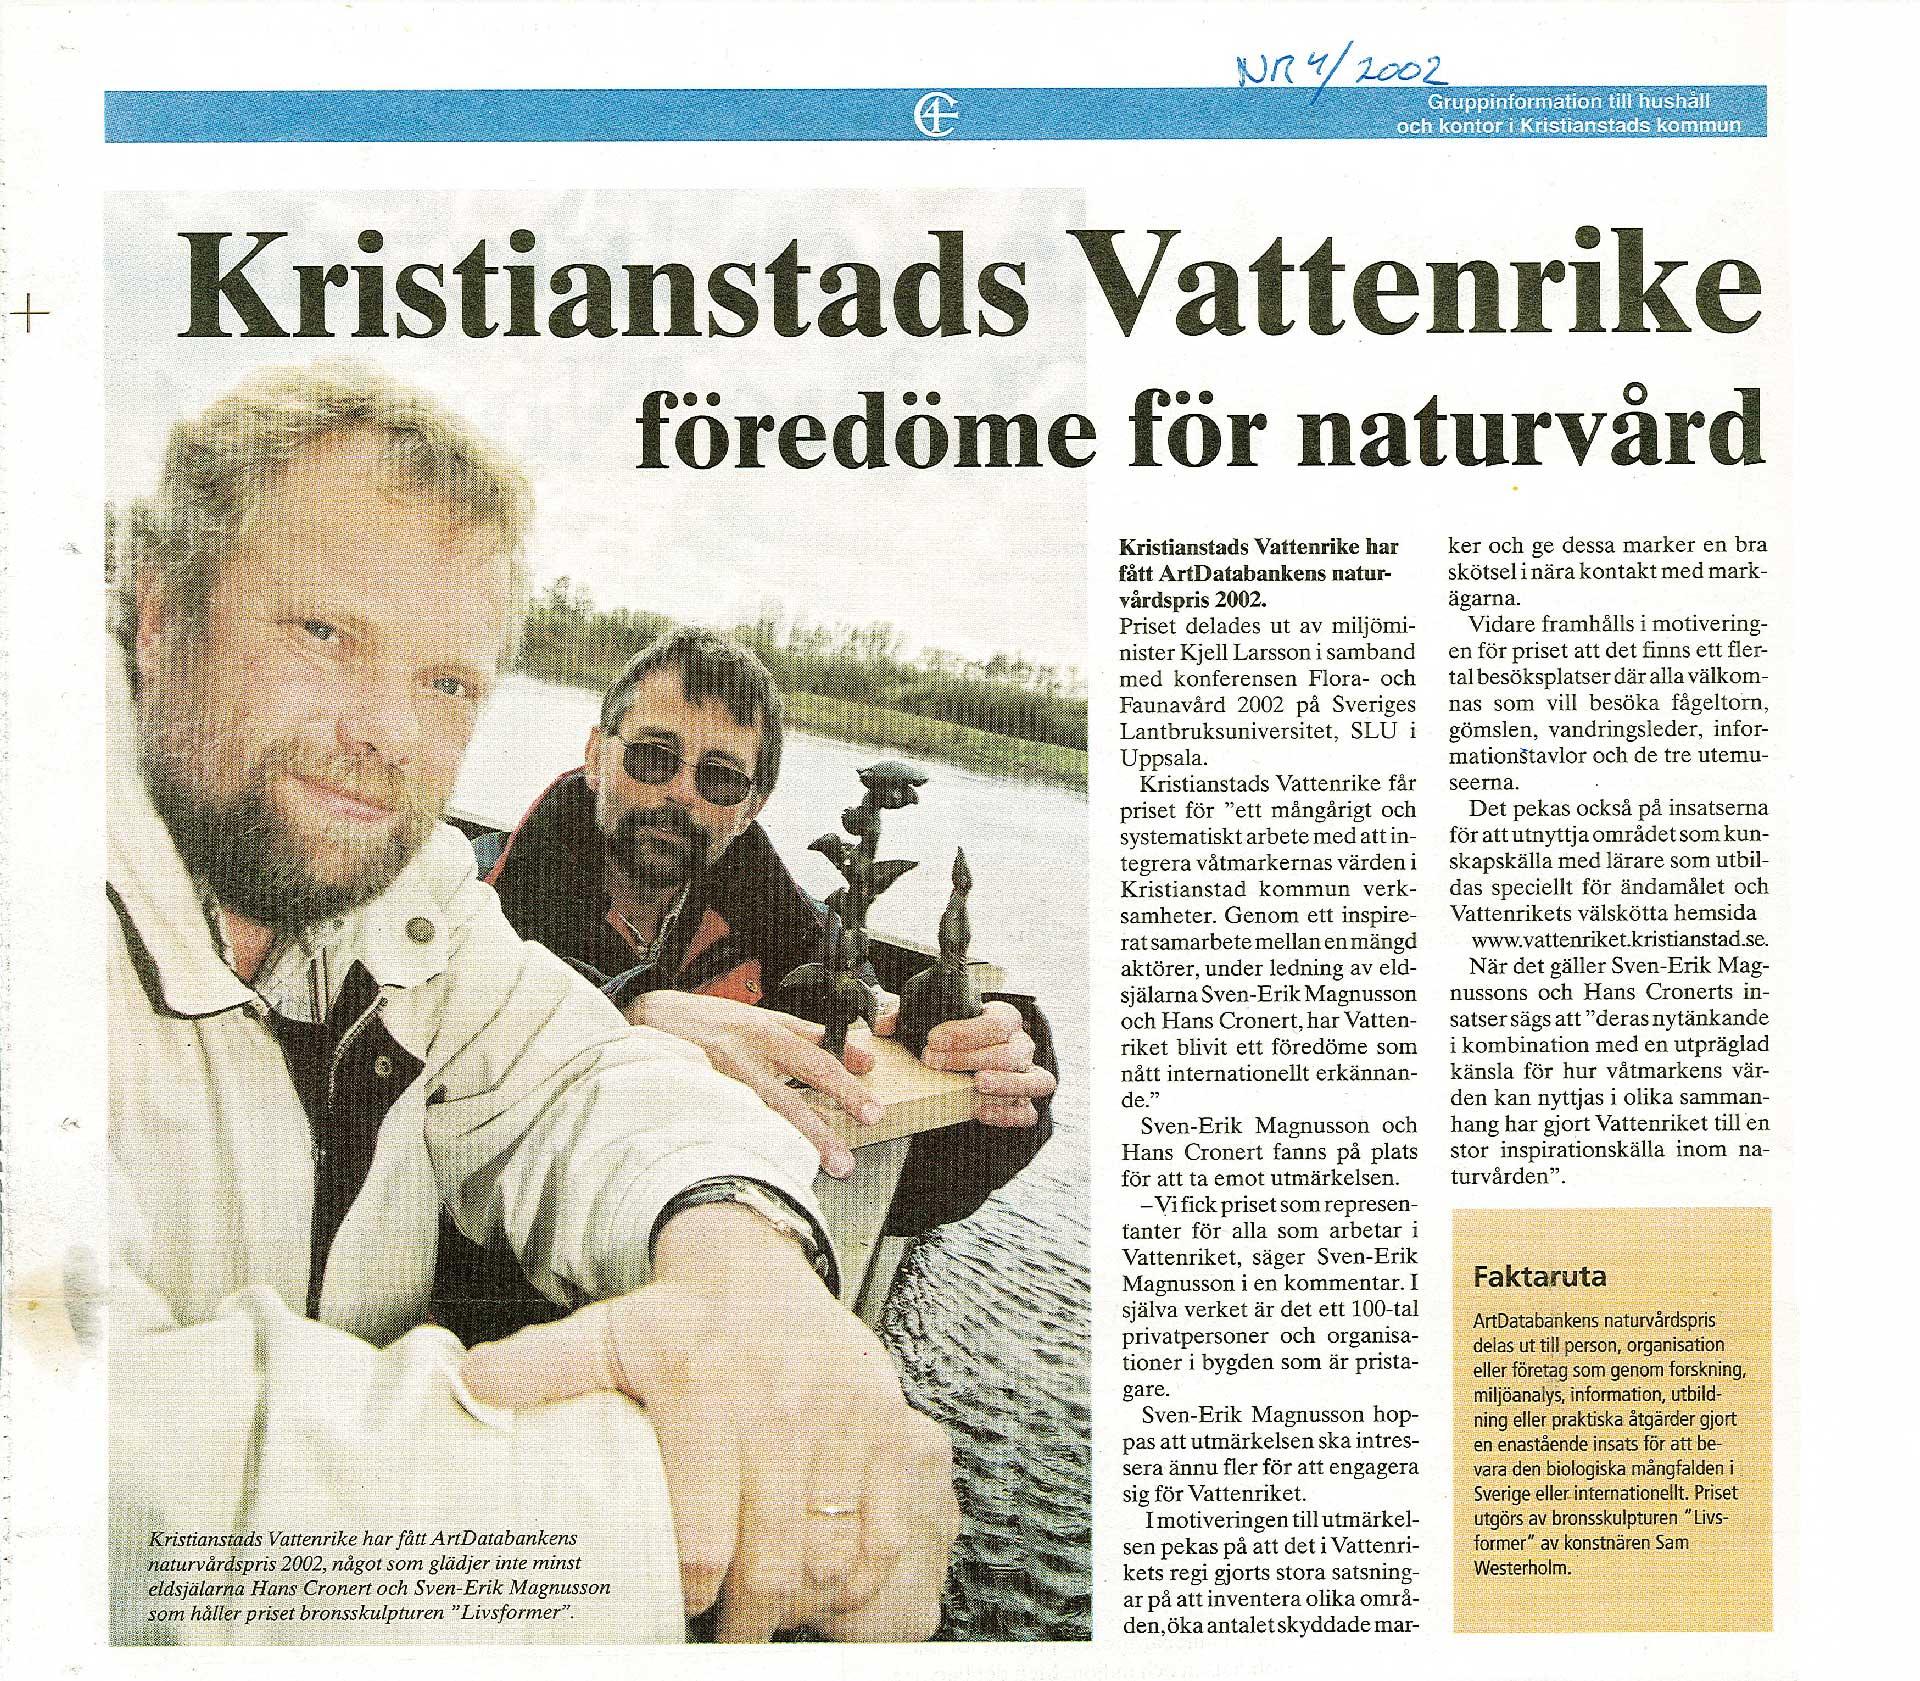 Tidningsartikel om Vattenriket som föredöme för naturvården